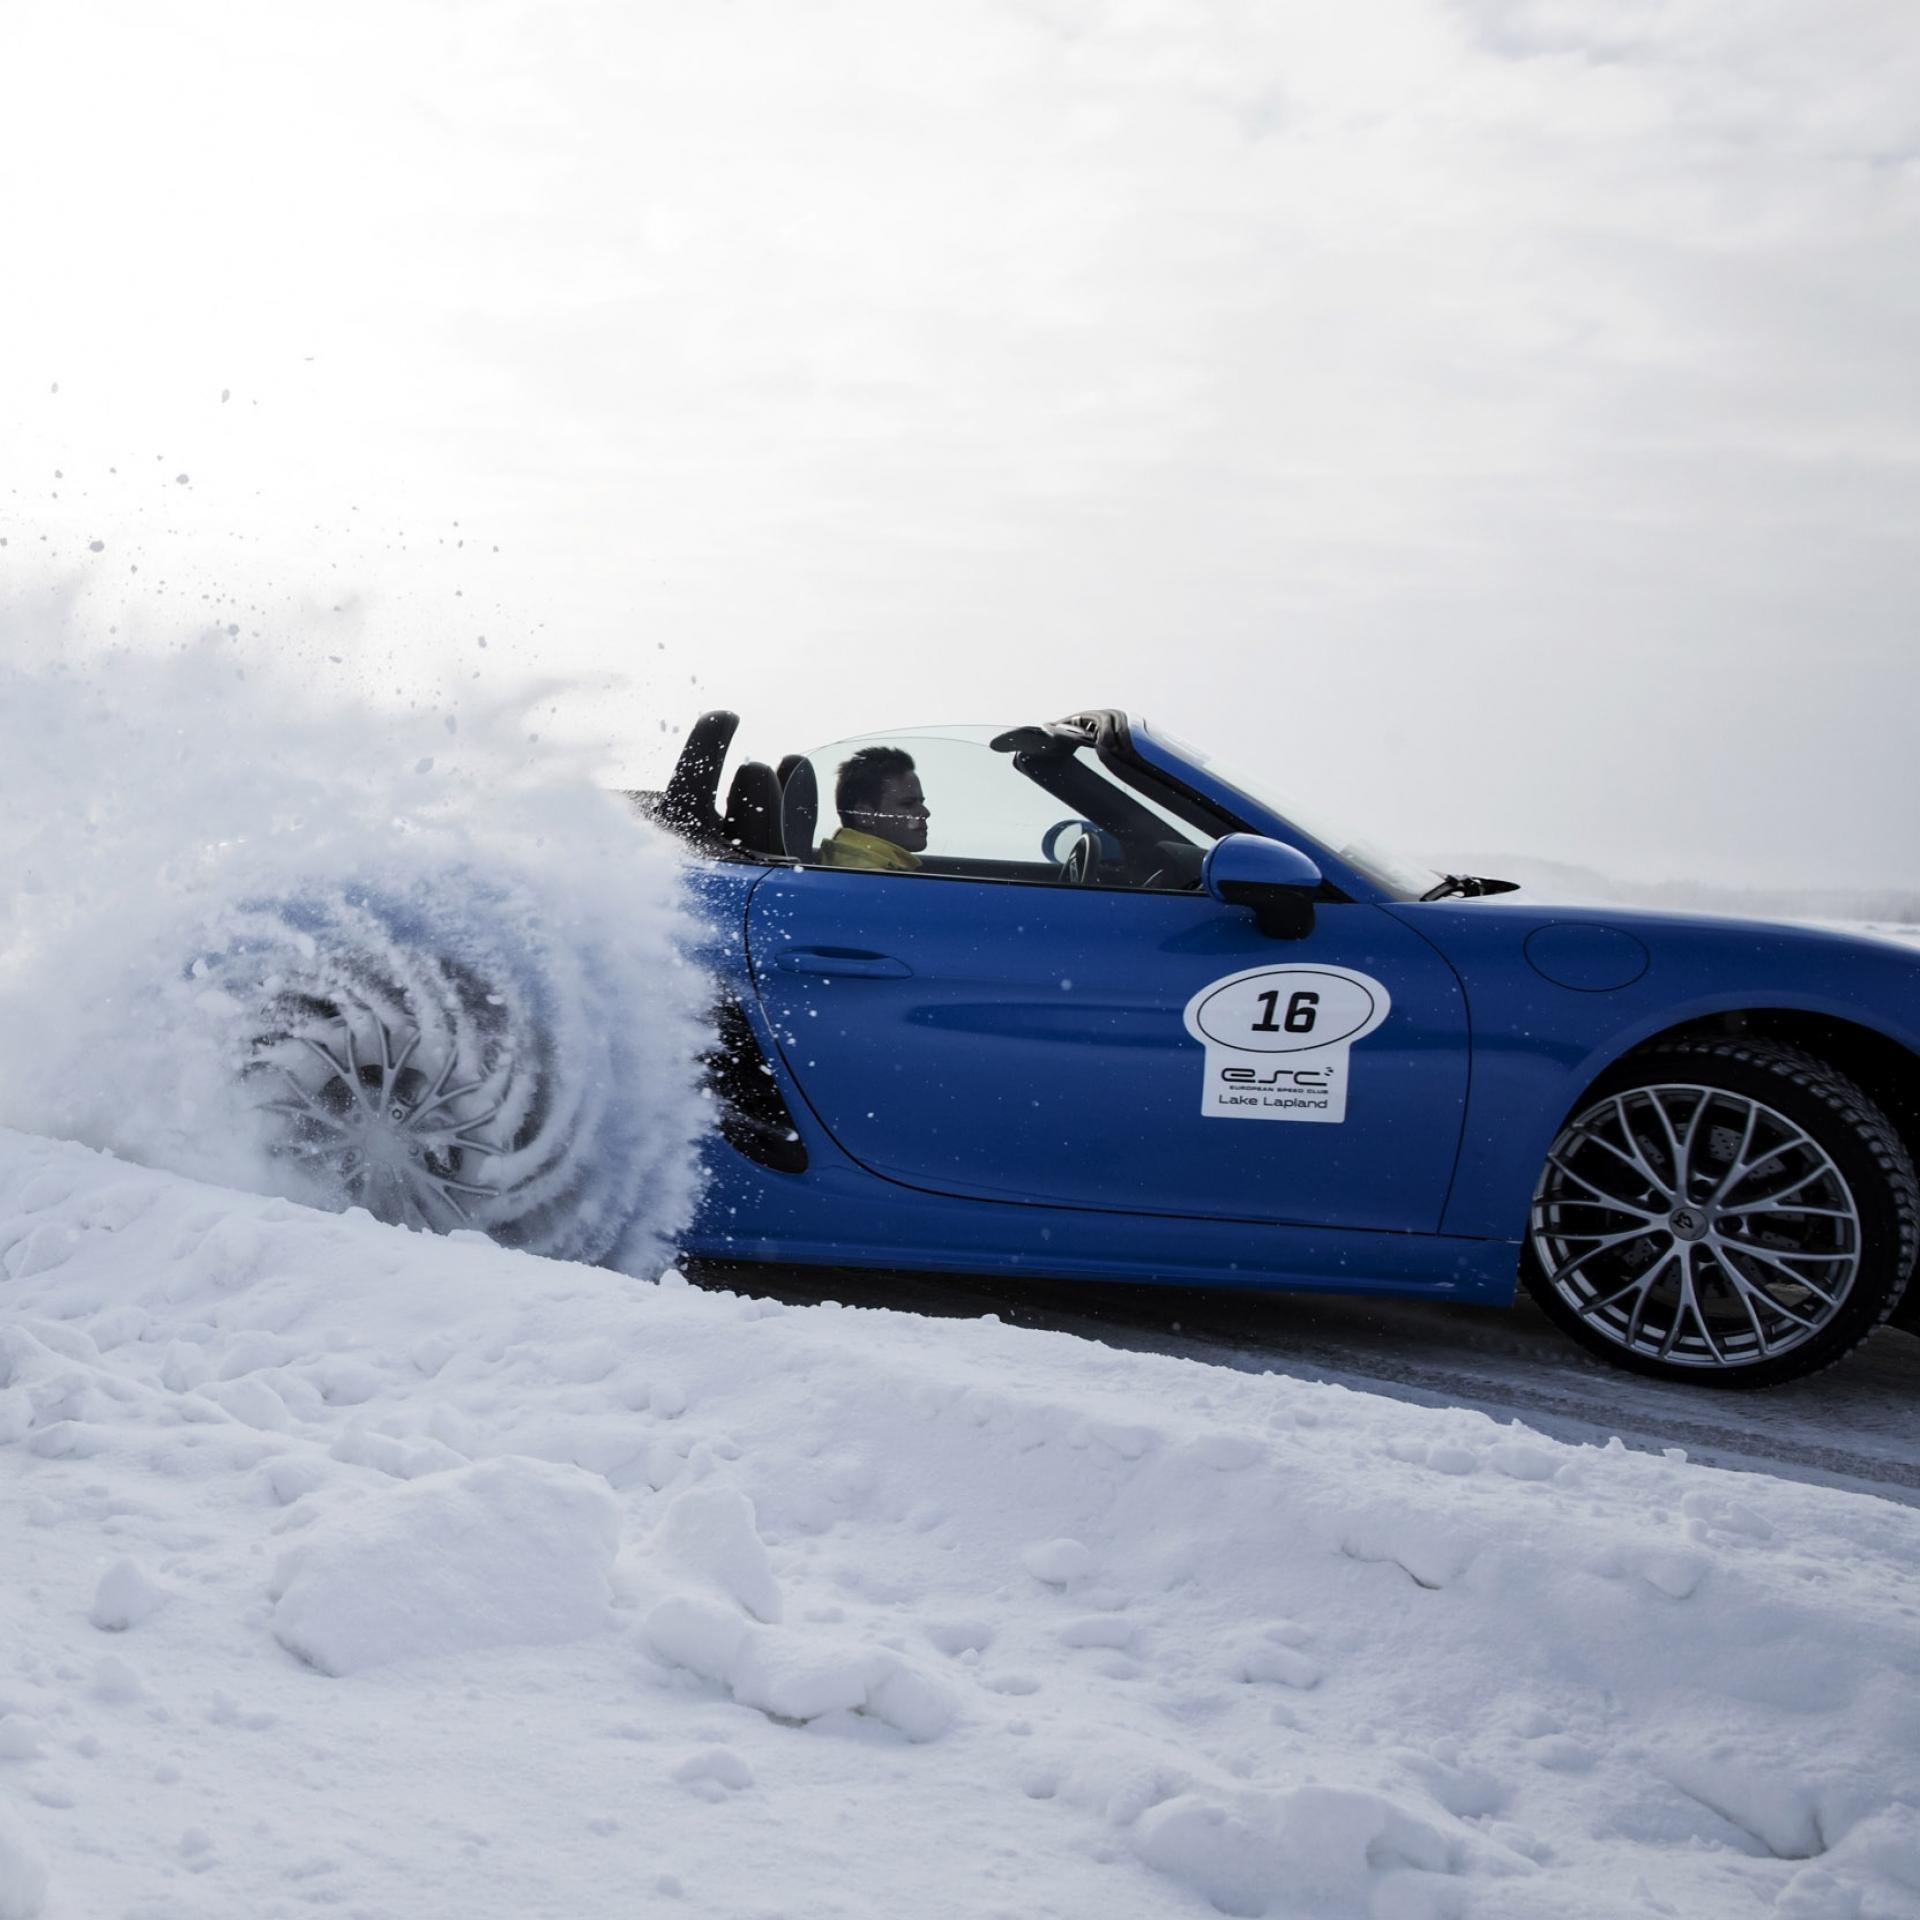 Actionfotos im Schnee